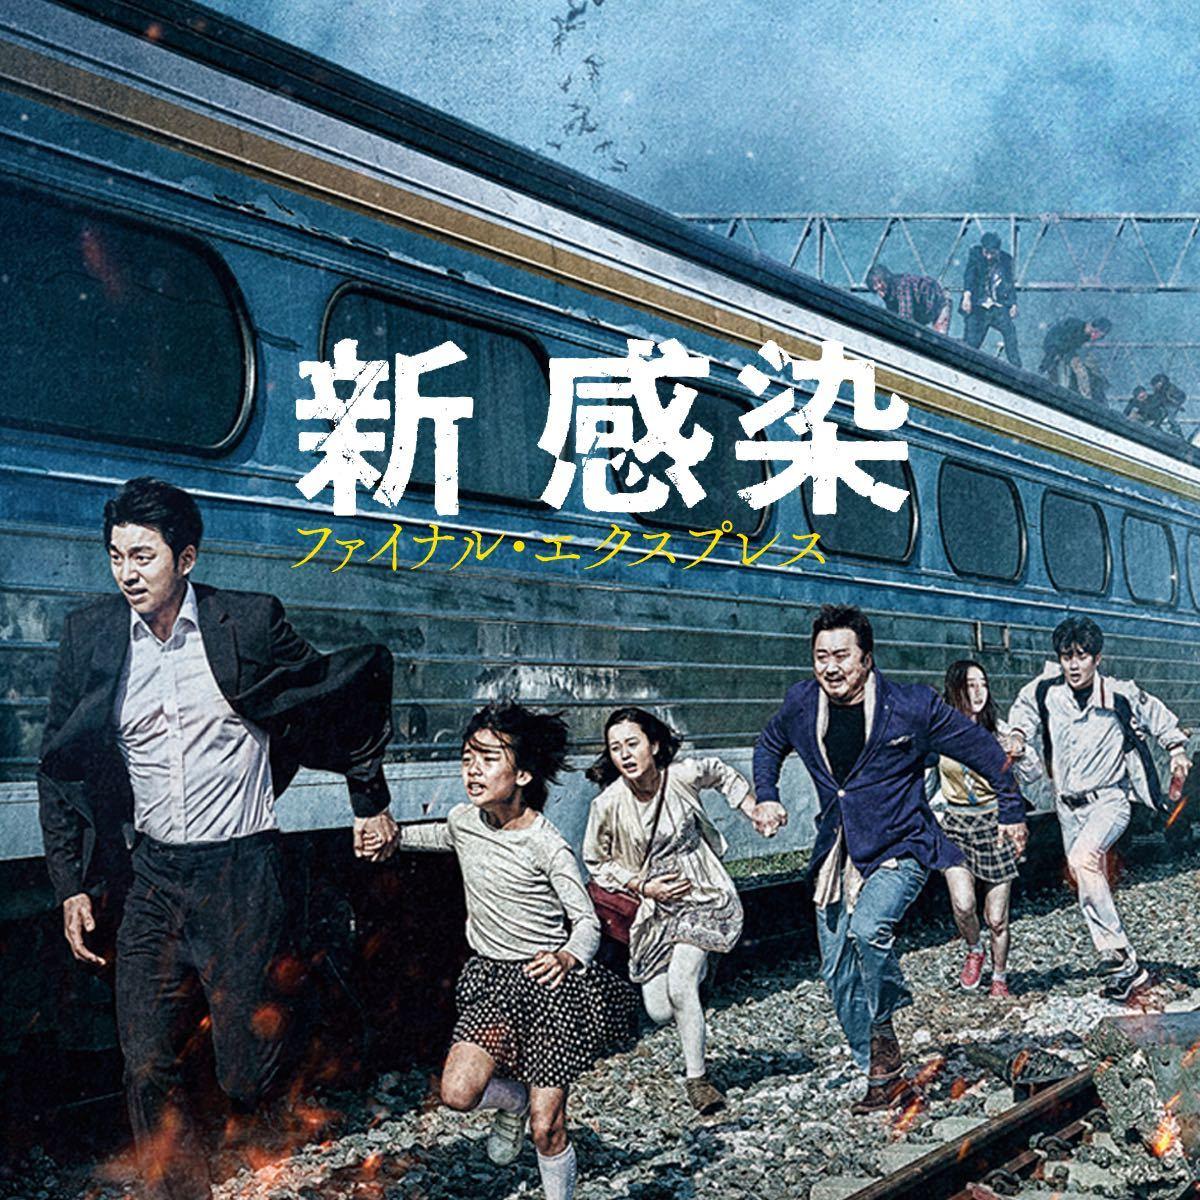 韓国映画  新感染  ファイナル・エクスプレス  コン・ユ  チョン・ユミ  マ・ドンソク  DVD 日本語吹替有り レーベル有り